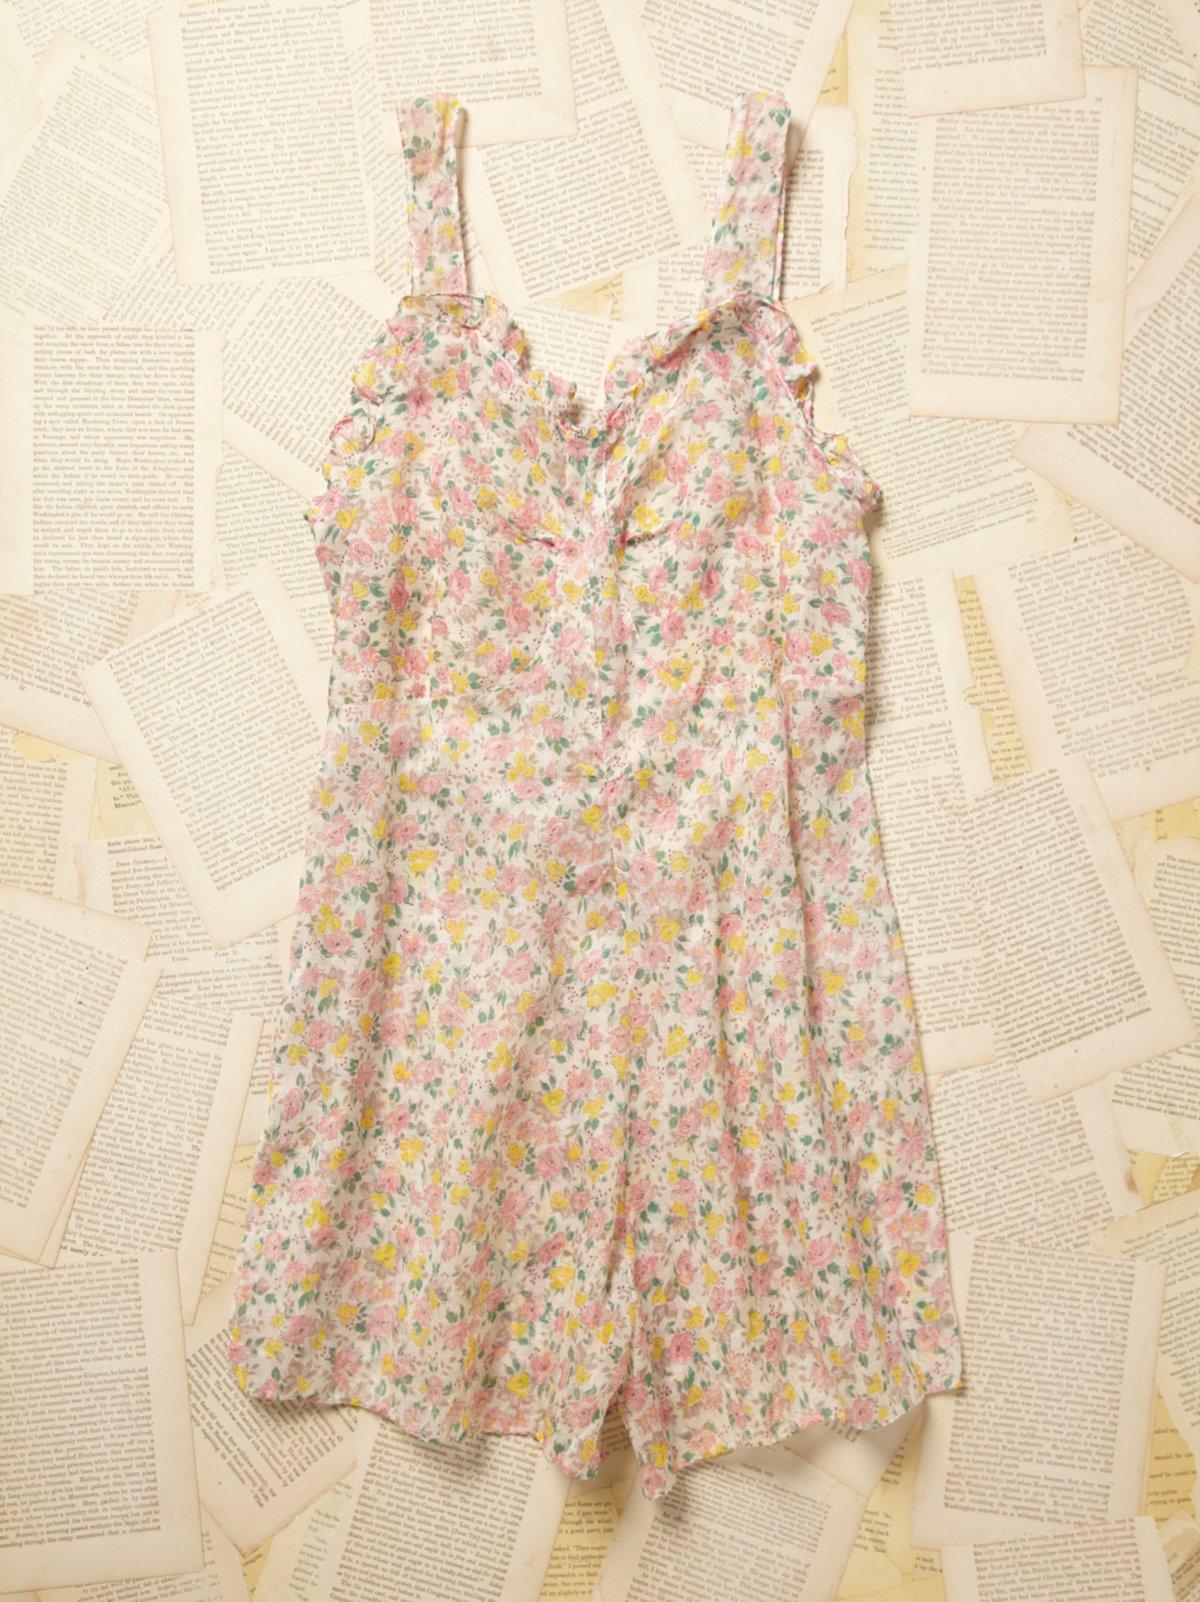 Vintage 1970s Sheer Floral Romper